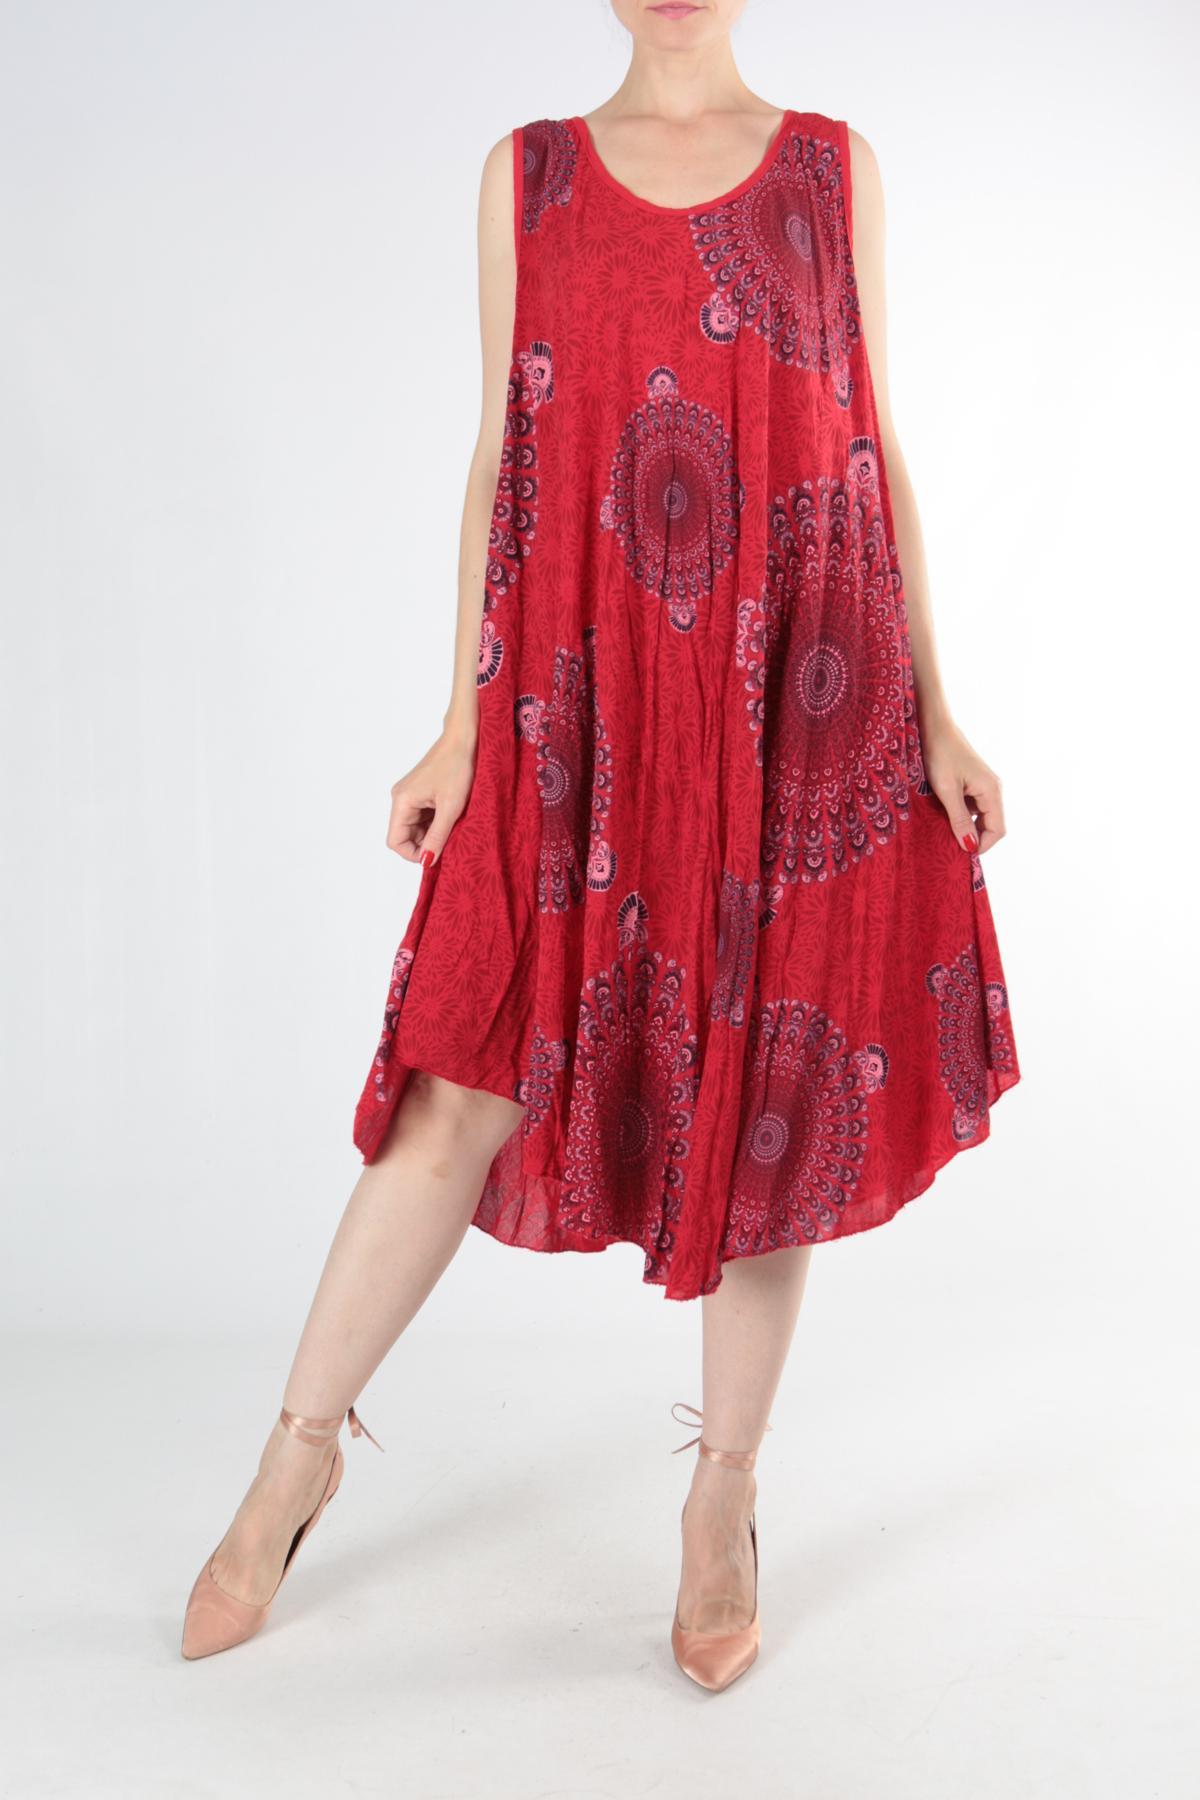 Robes mi-longues Femme Rouge CHANA MOD 6767 #c eFashion Paris